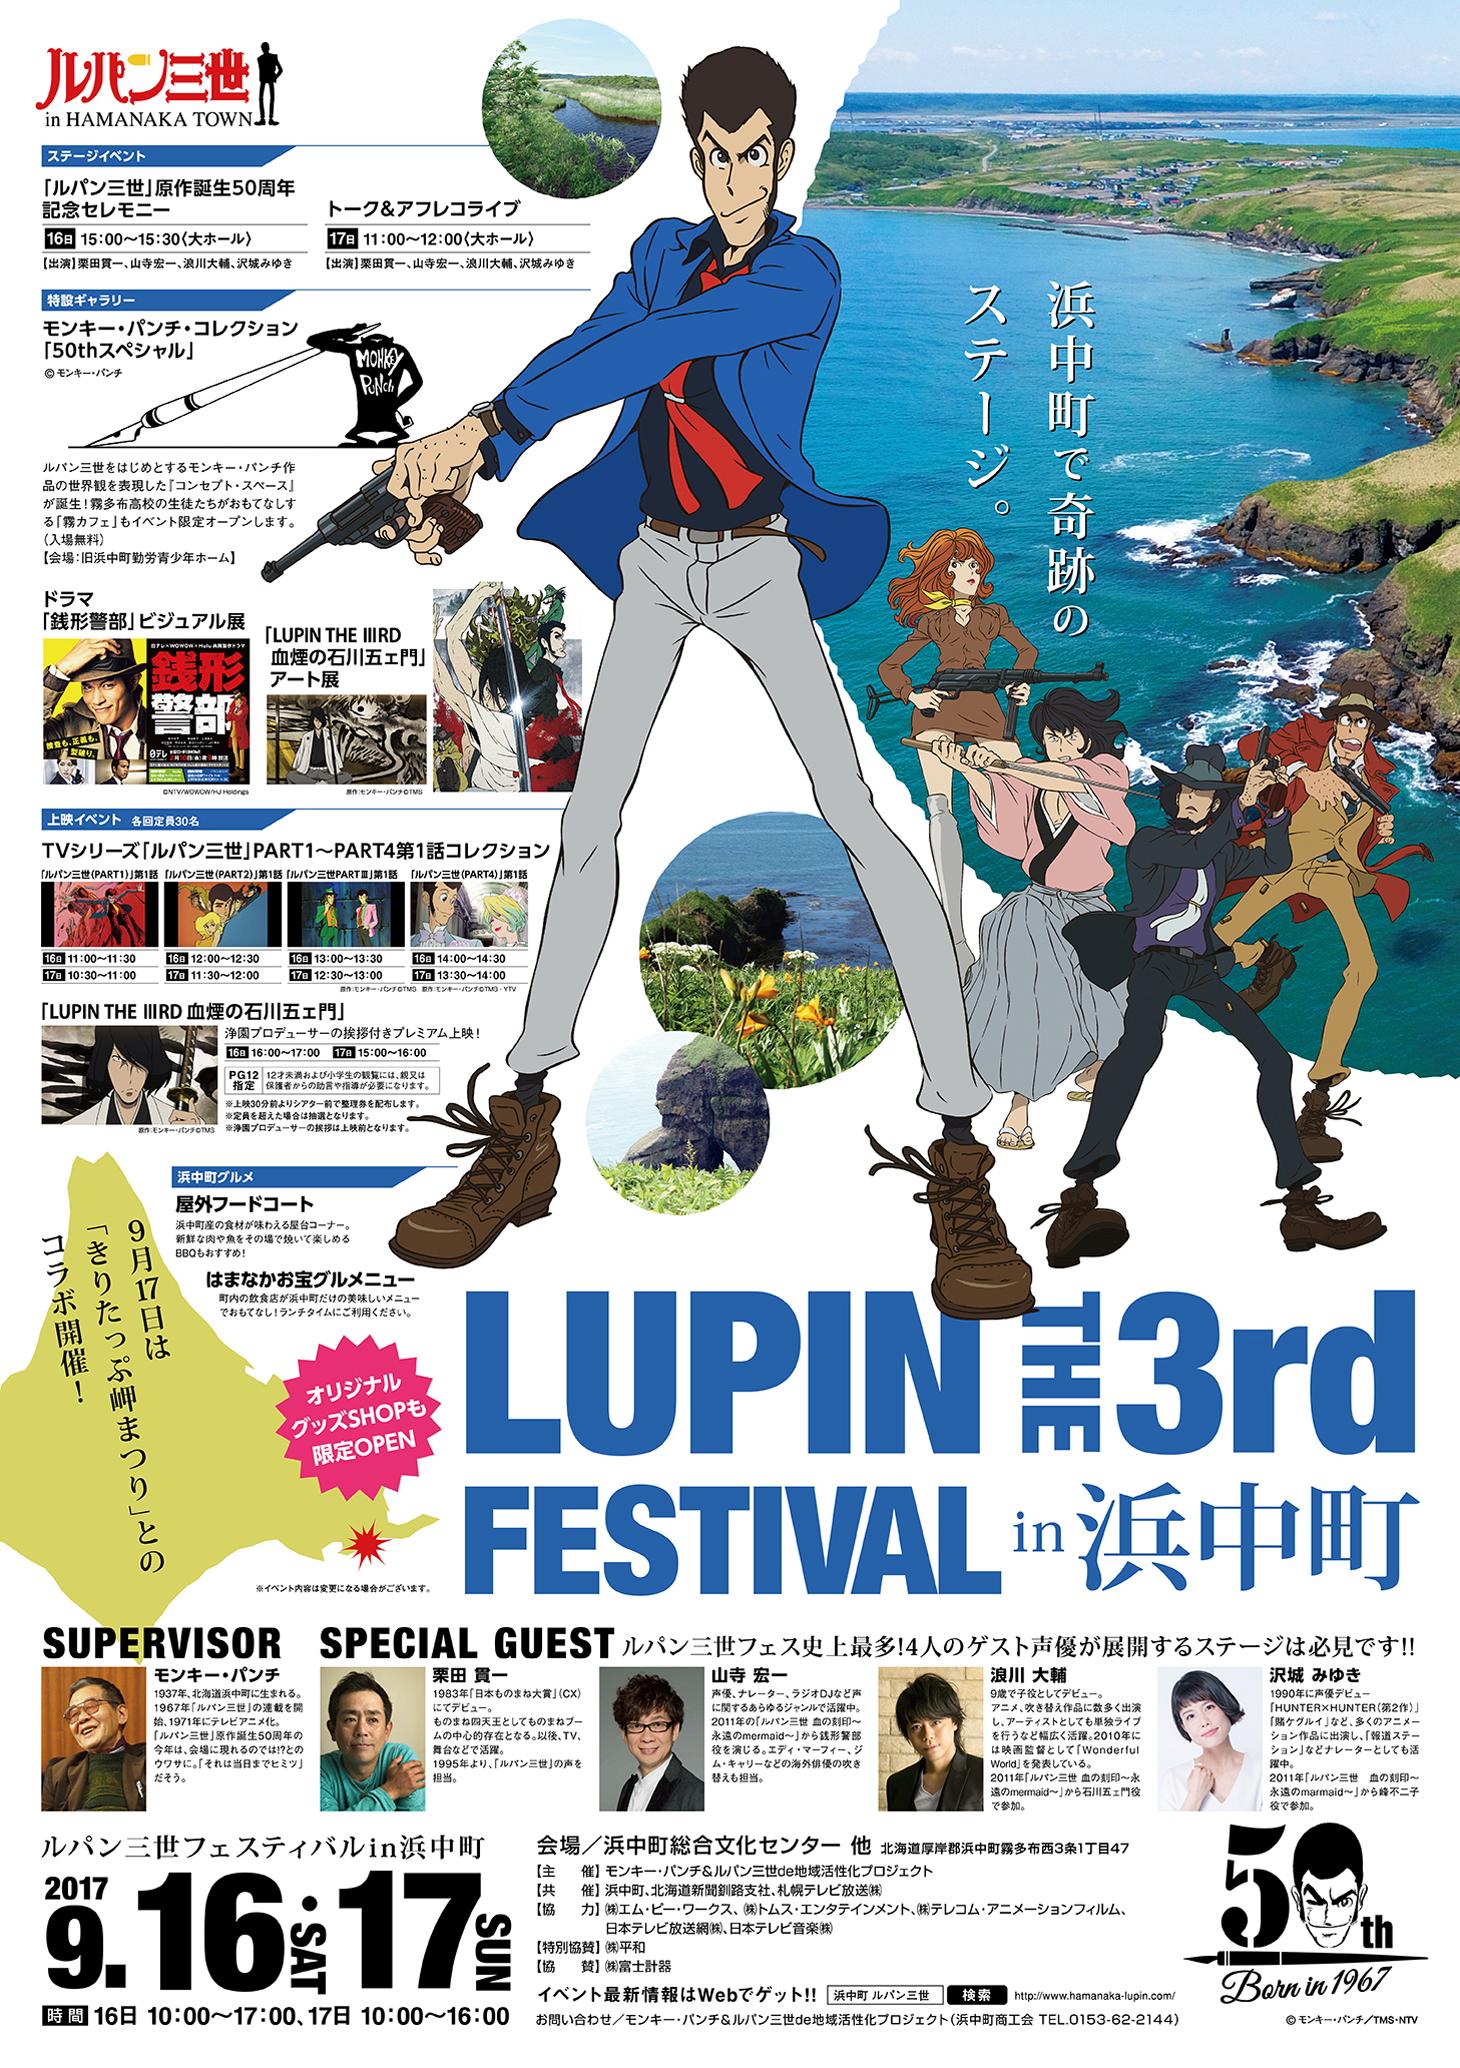 ルパン三世フェスティバル|浜中町・ルパン三世-宝島プラン-